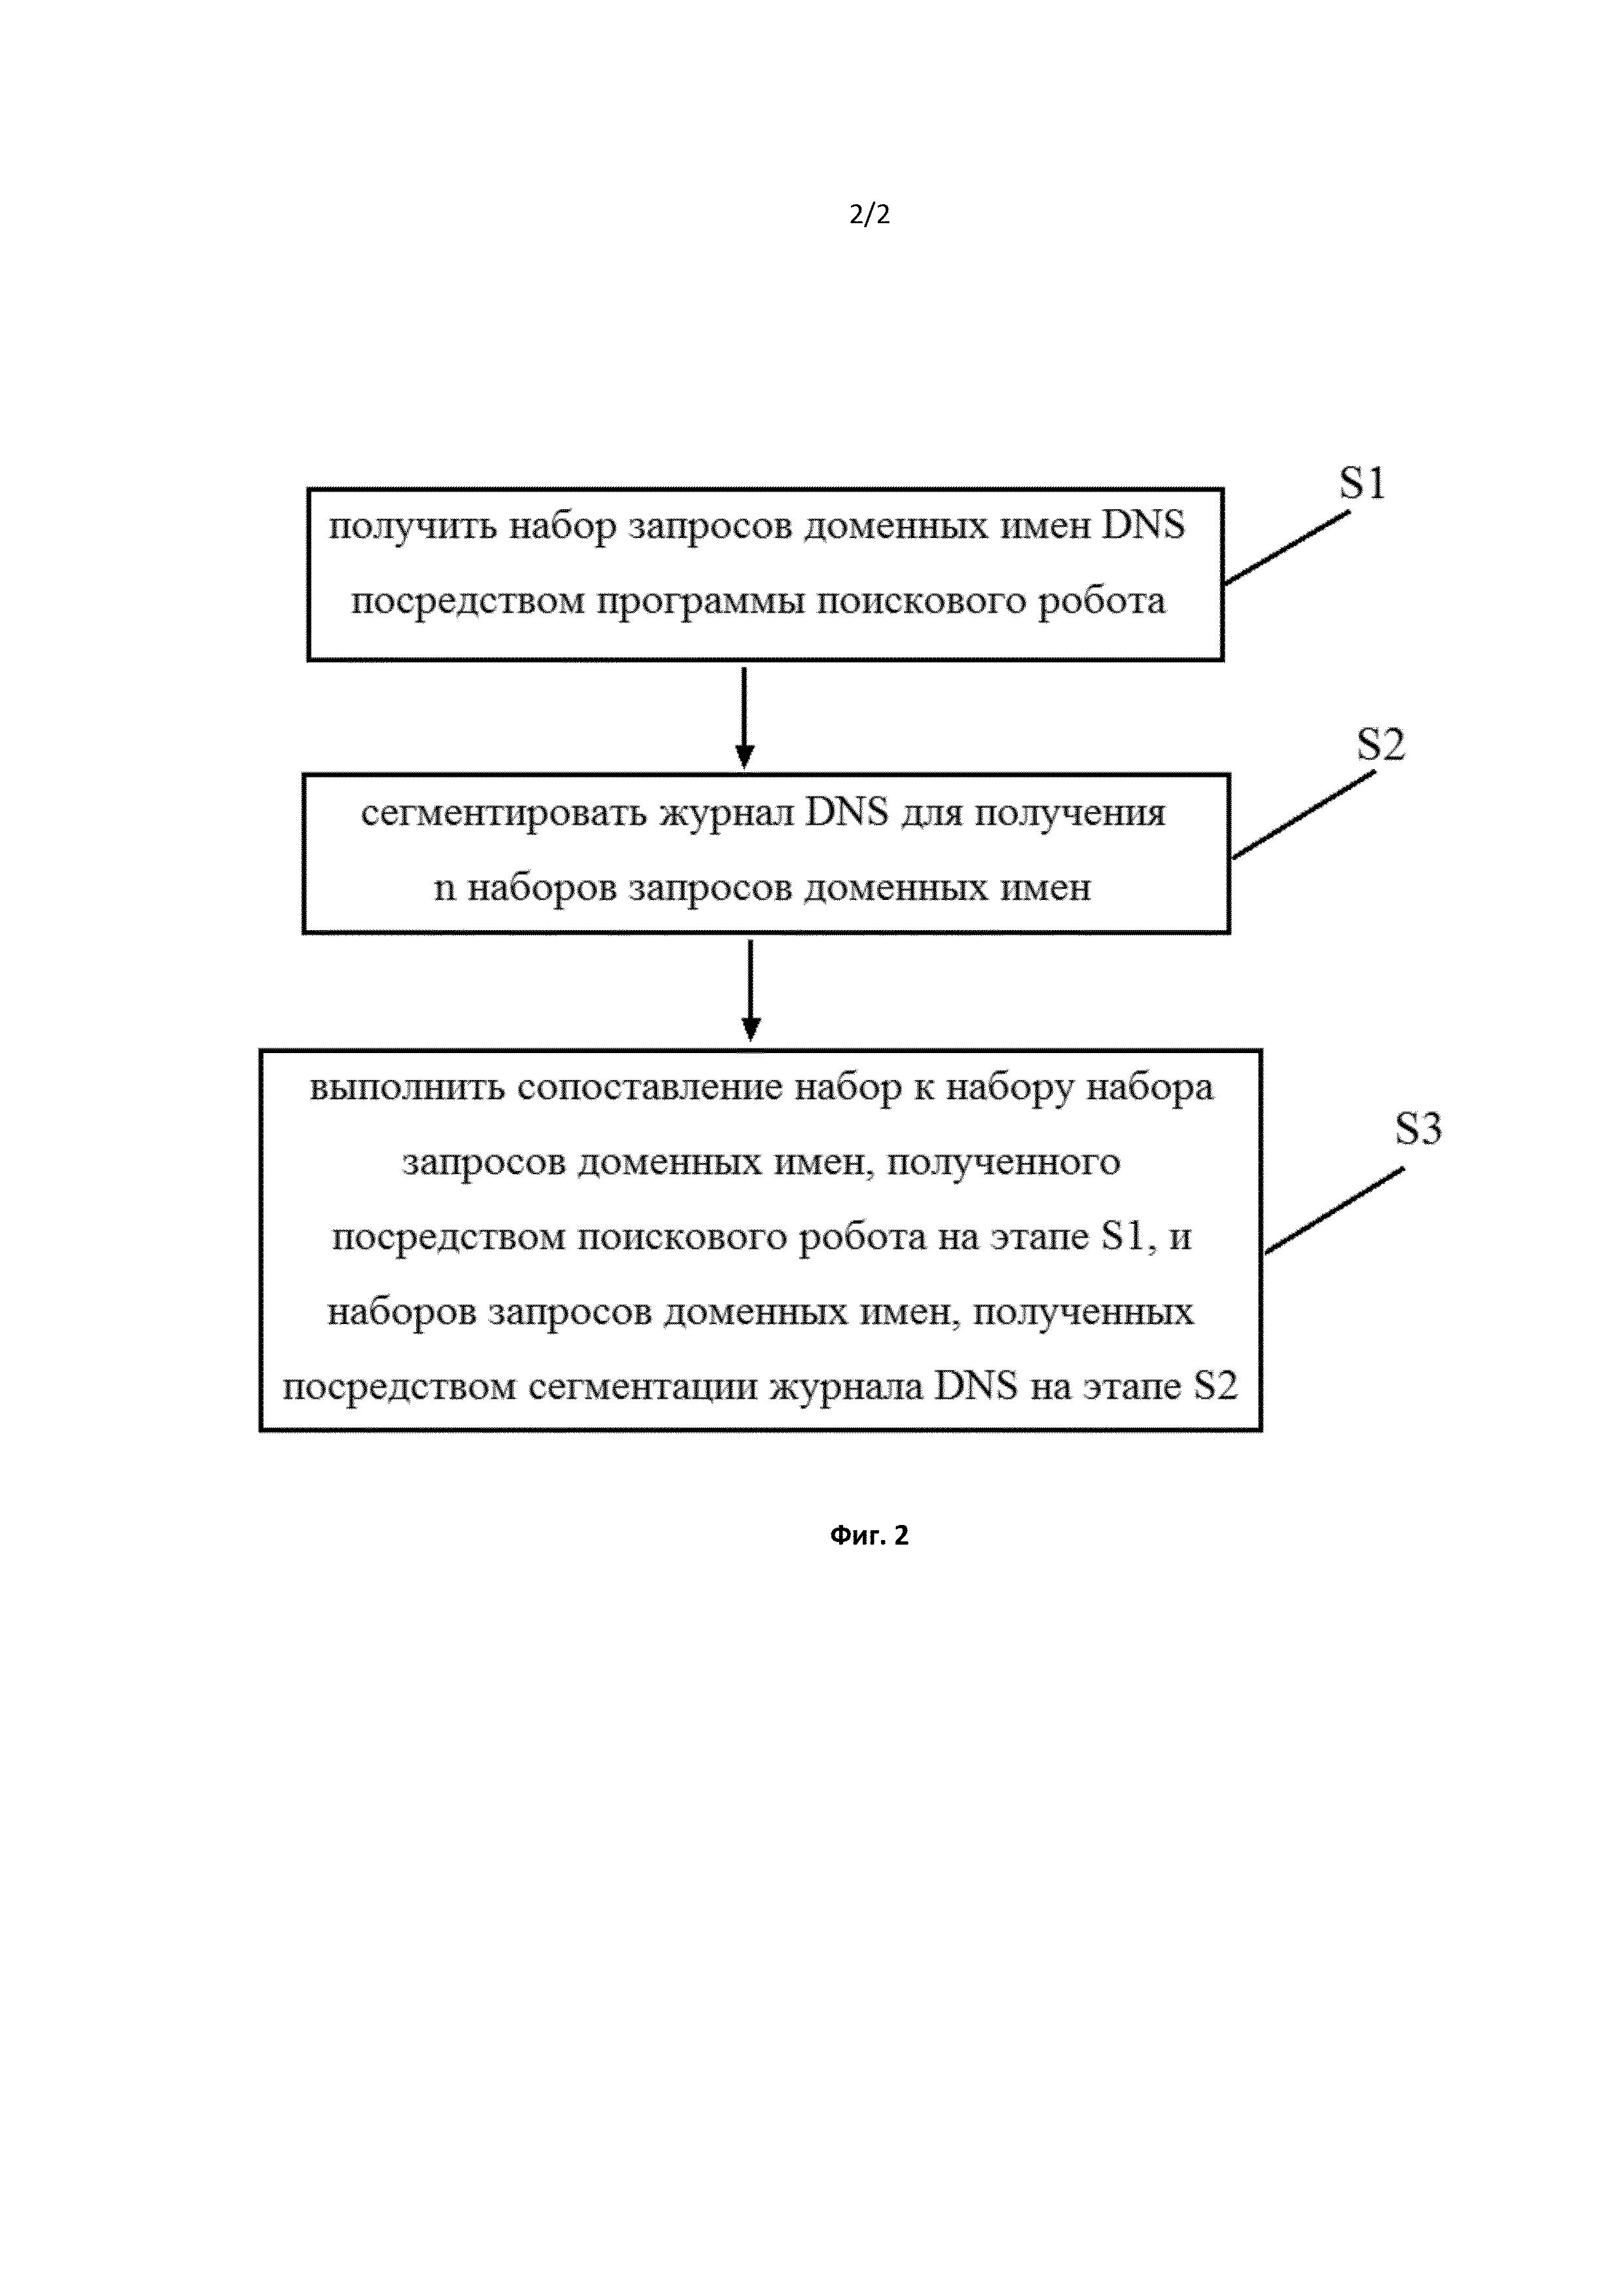 Способ ассоциирования доменного имени с характеристикой посещения веб-сайта